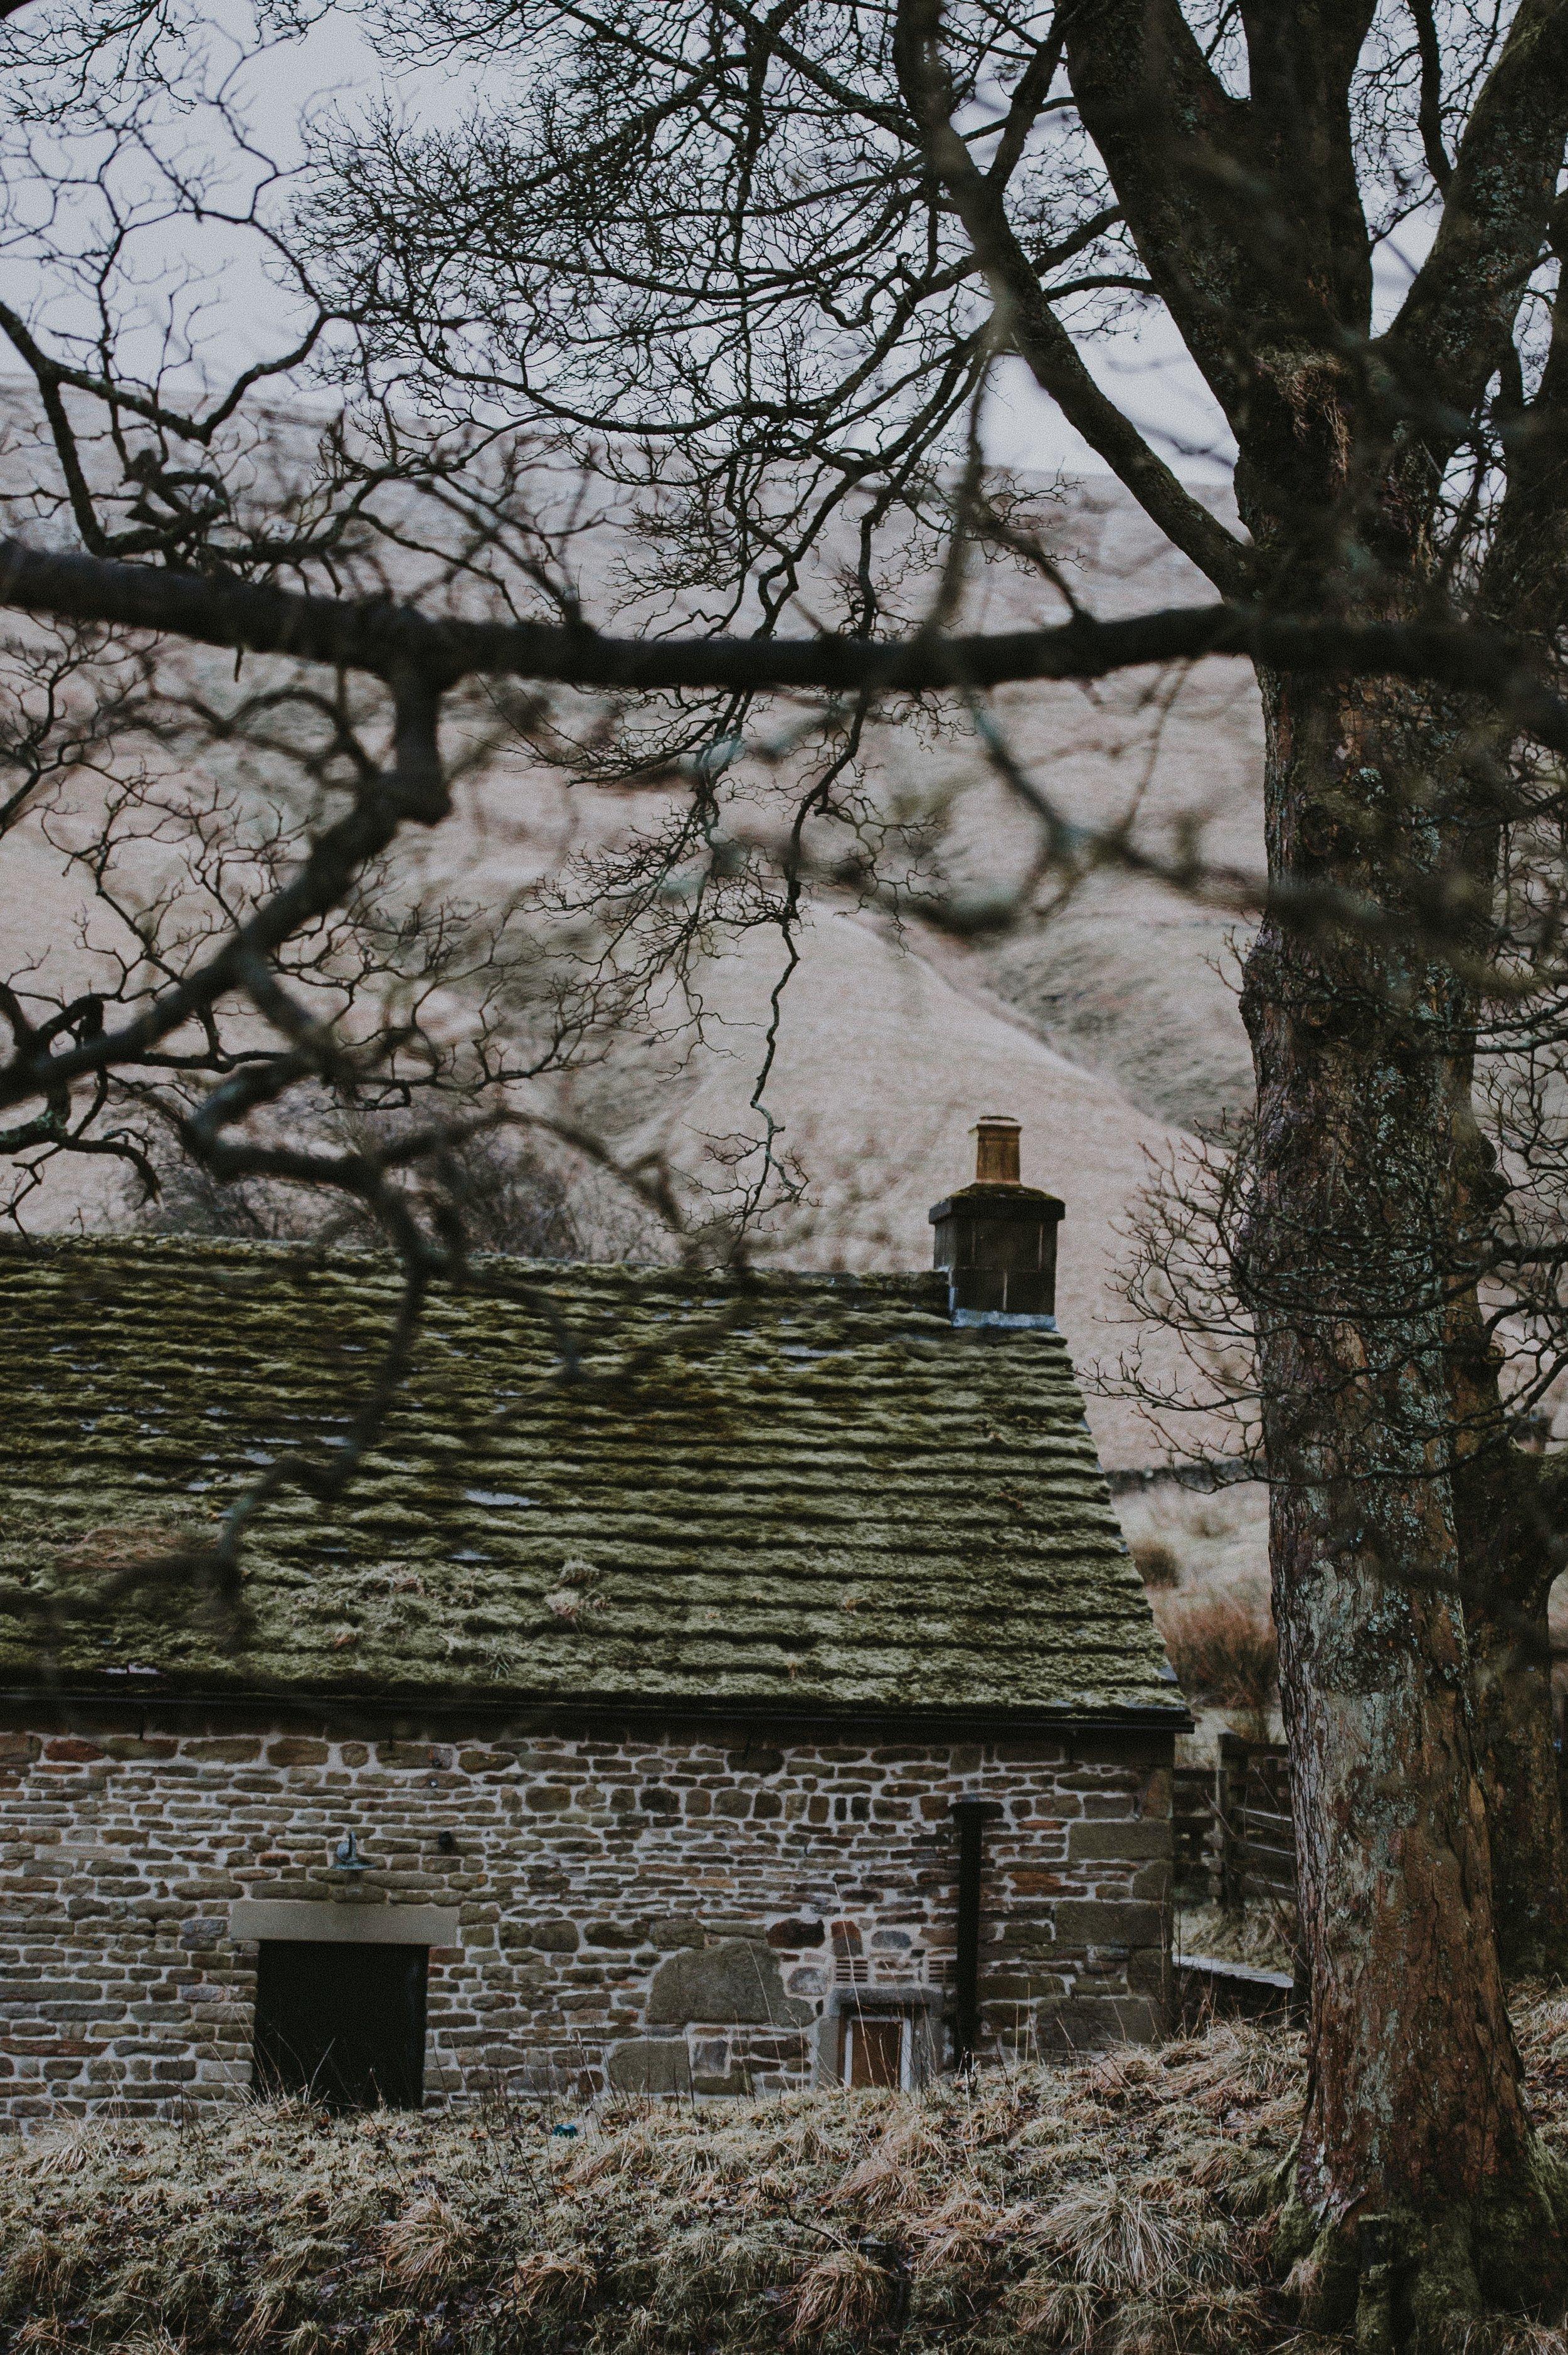 Winter-cottage-annie-spratt-unsplash.jpg